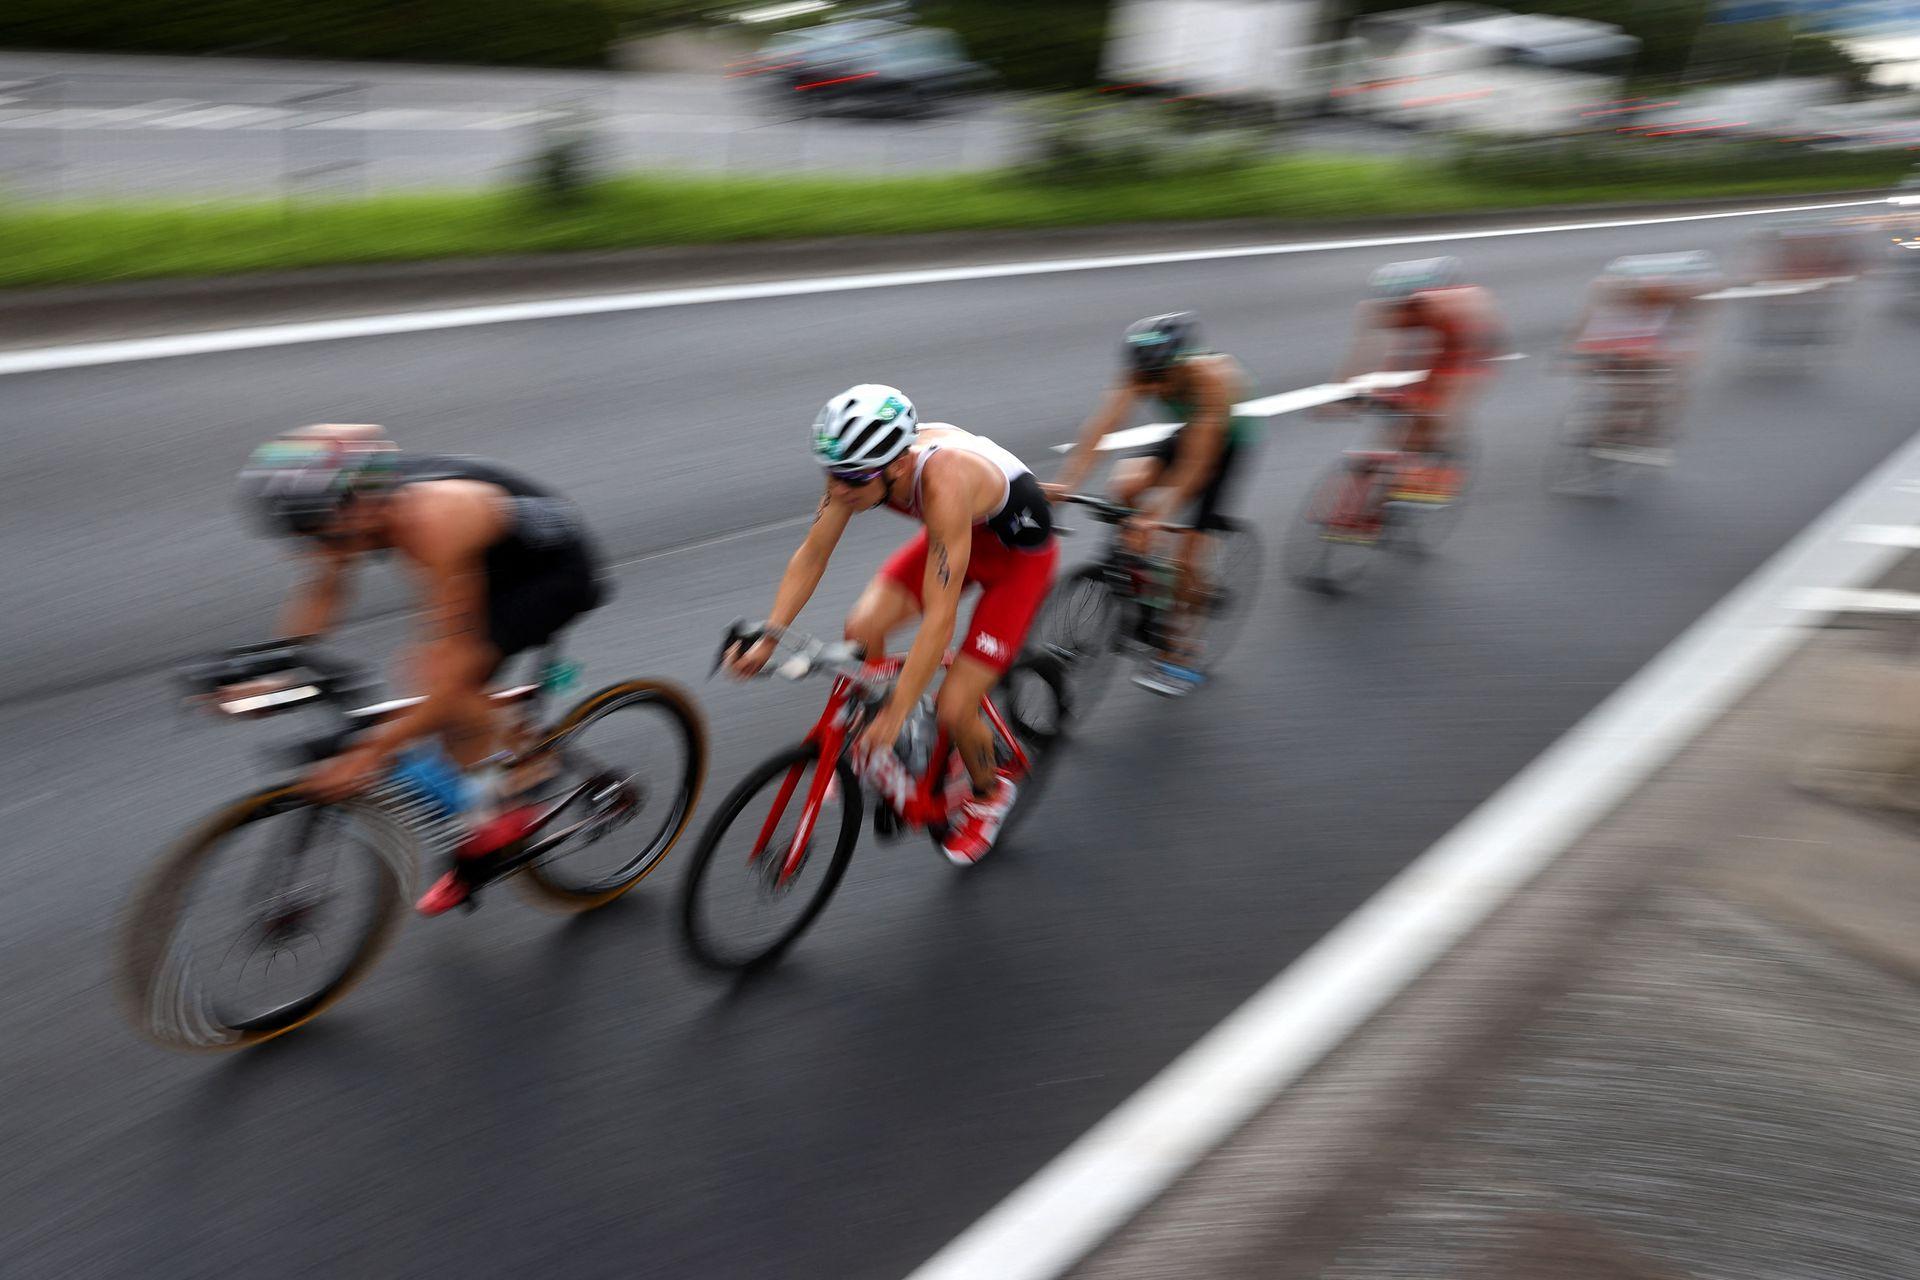 El chileno Diego Moya compite durante la competencia de triatlón individual masculino en el Parque Marino de Odaiba, en Tokio, el 26 de julio de 2021 durante los Juegos Olímpicos de Tokio 2020.